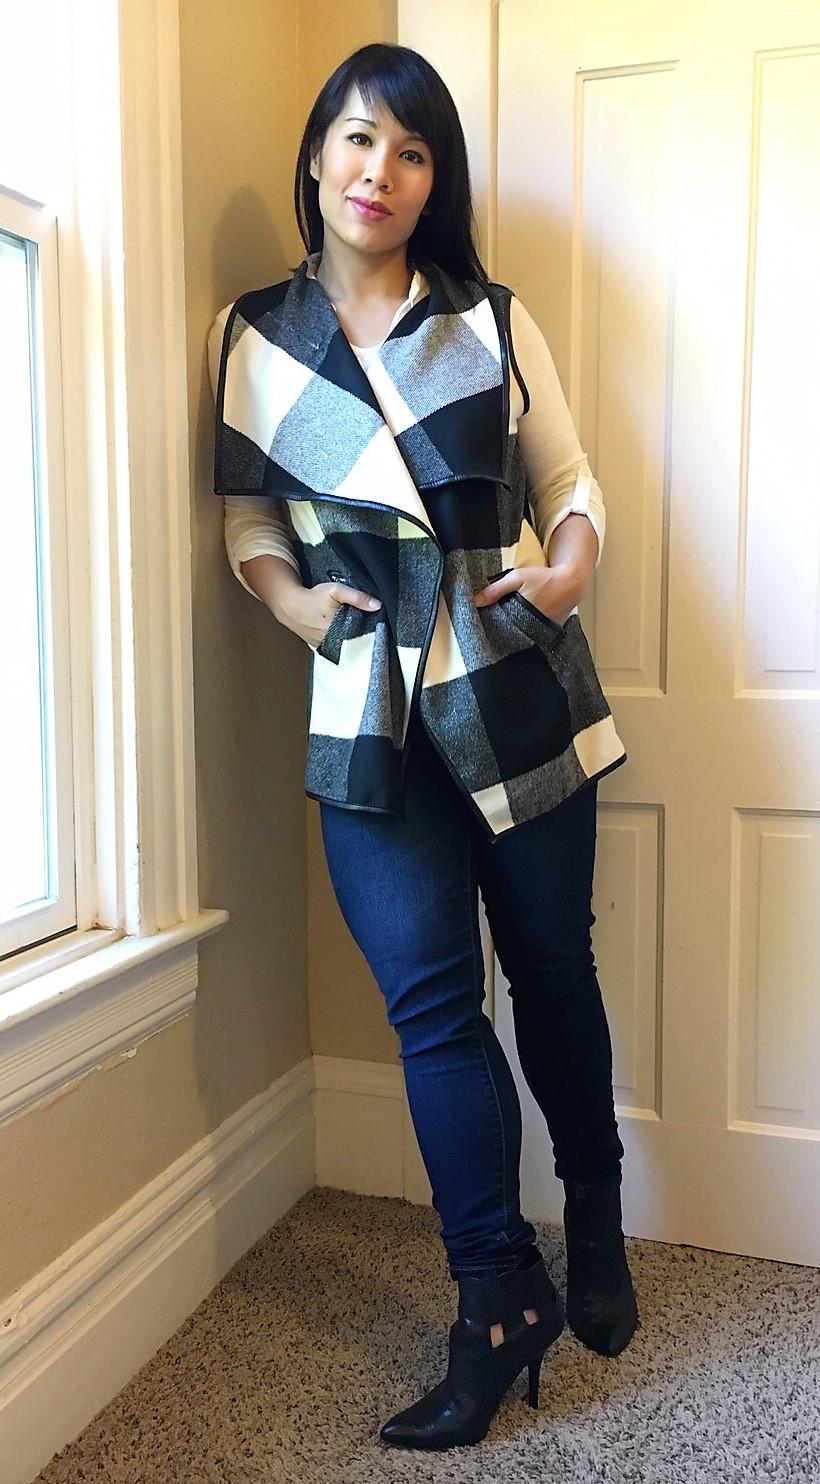 Kat wearing lapel vest during postpartum